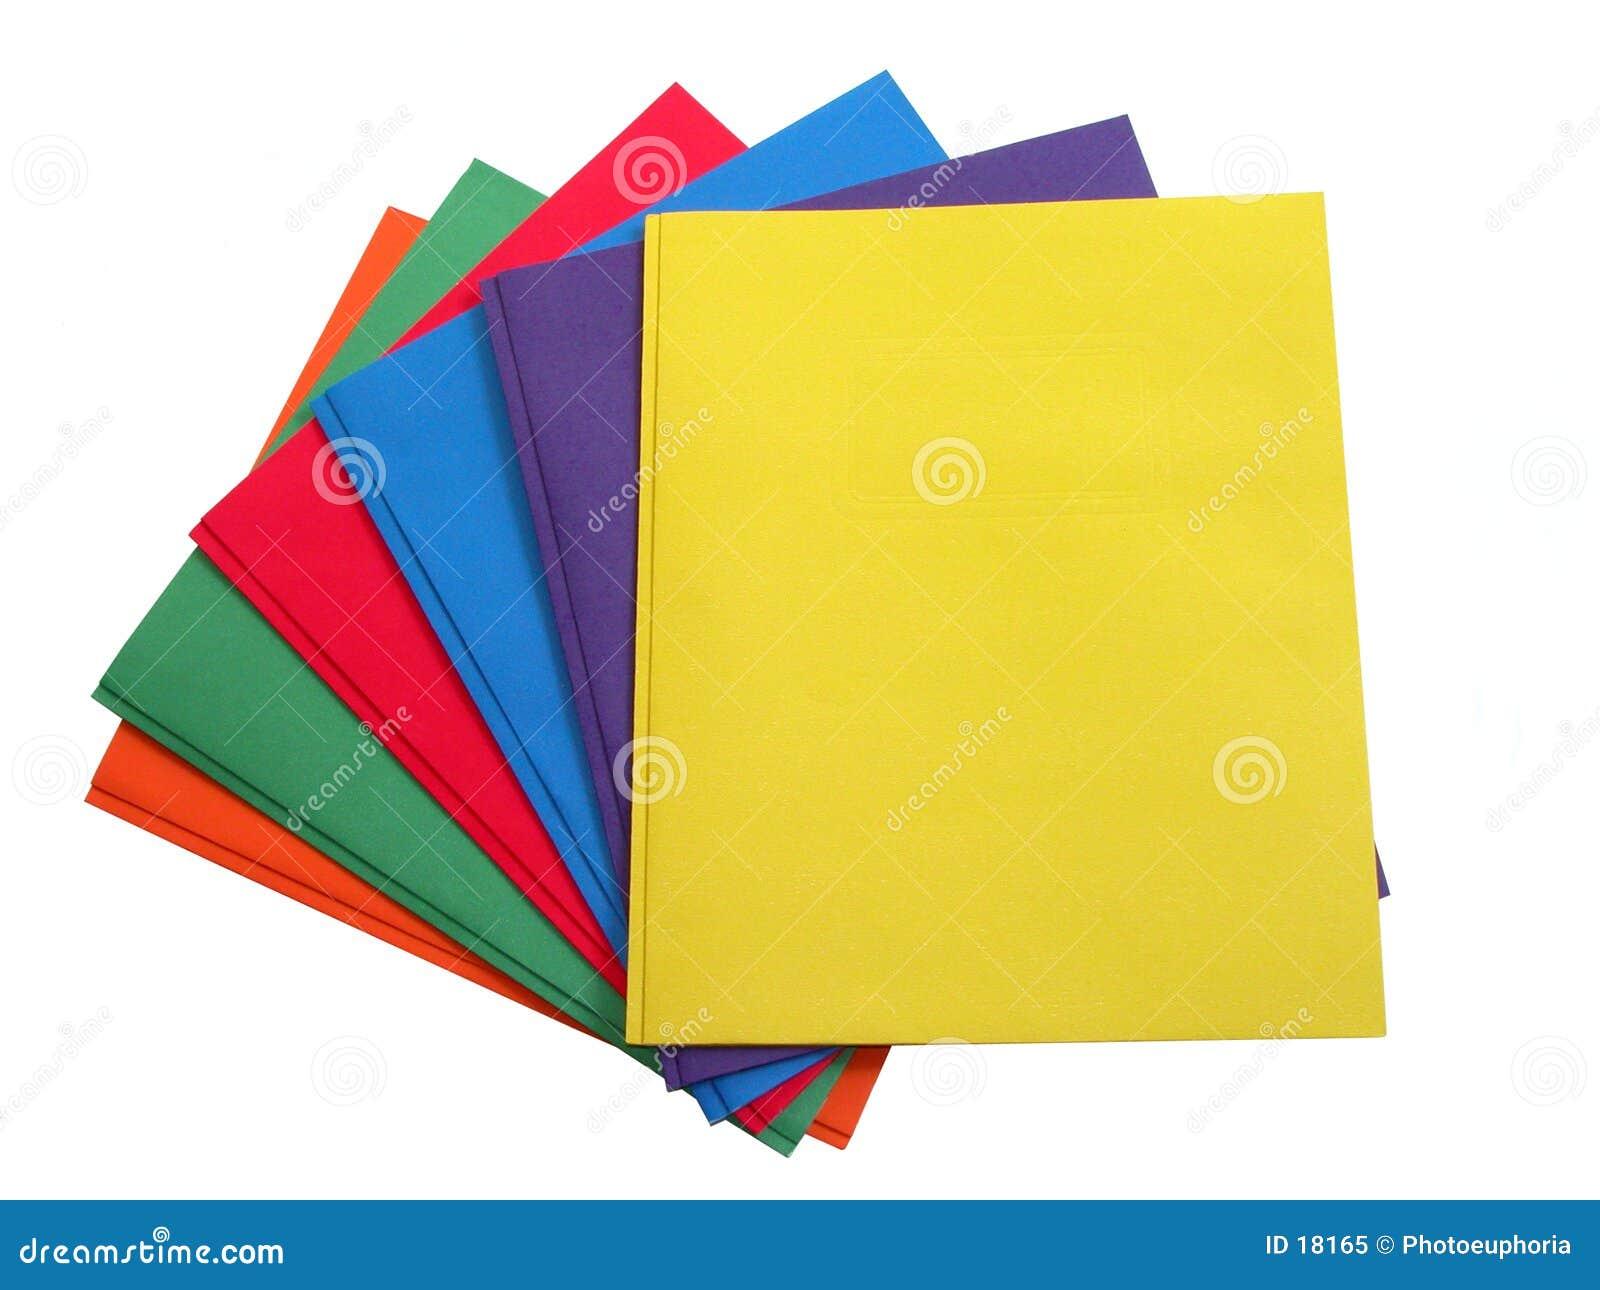 Banco & ufficio: Pila di multi dispositivi di piegatura colorati